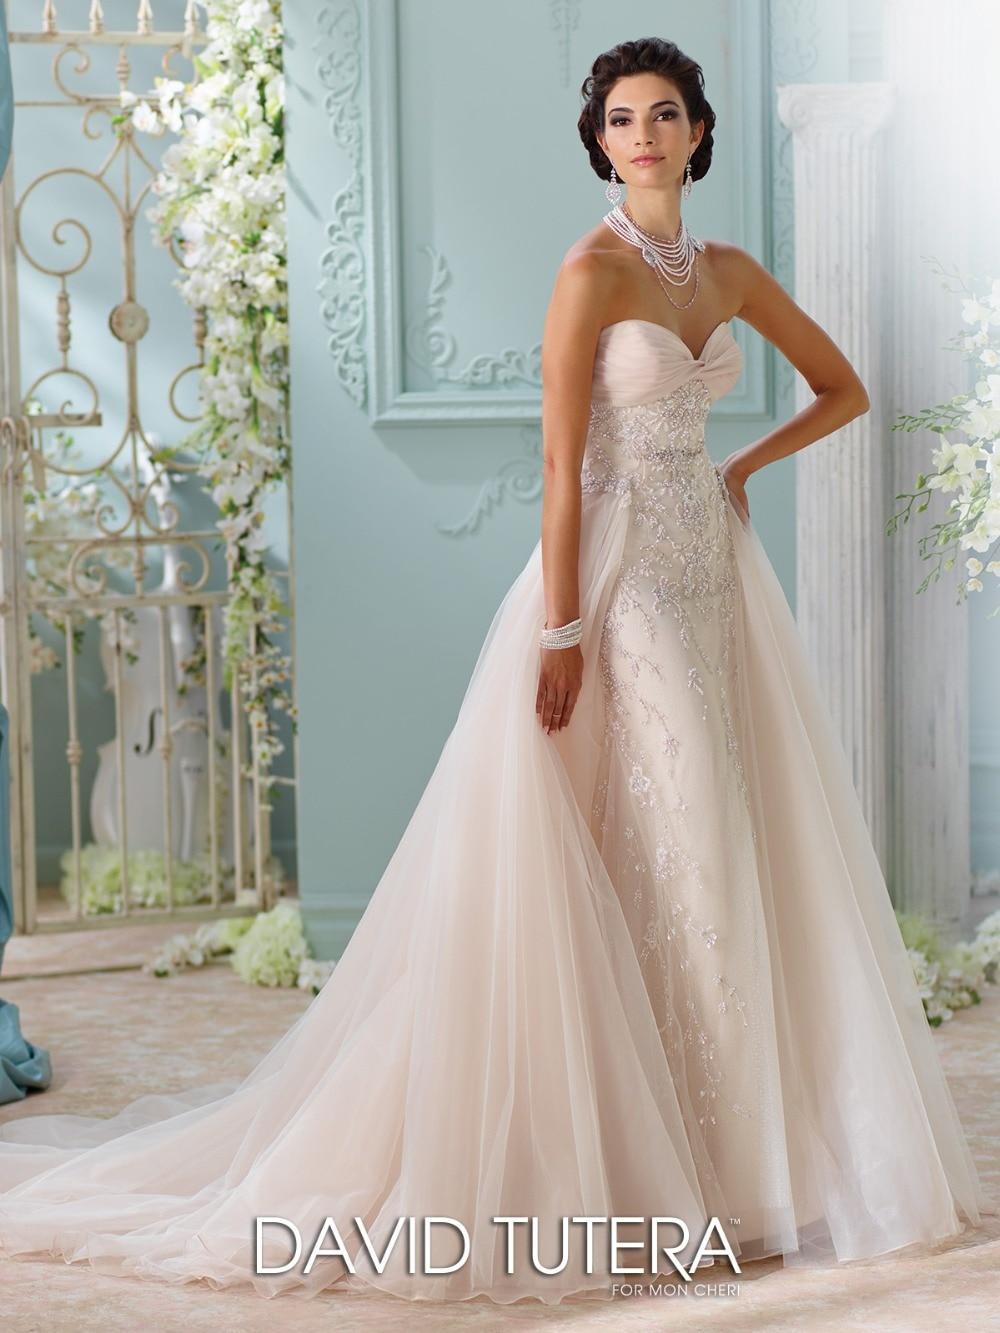 Fancy Wedding Dress With Removable Train Elaboration - All Wedding ...